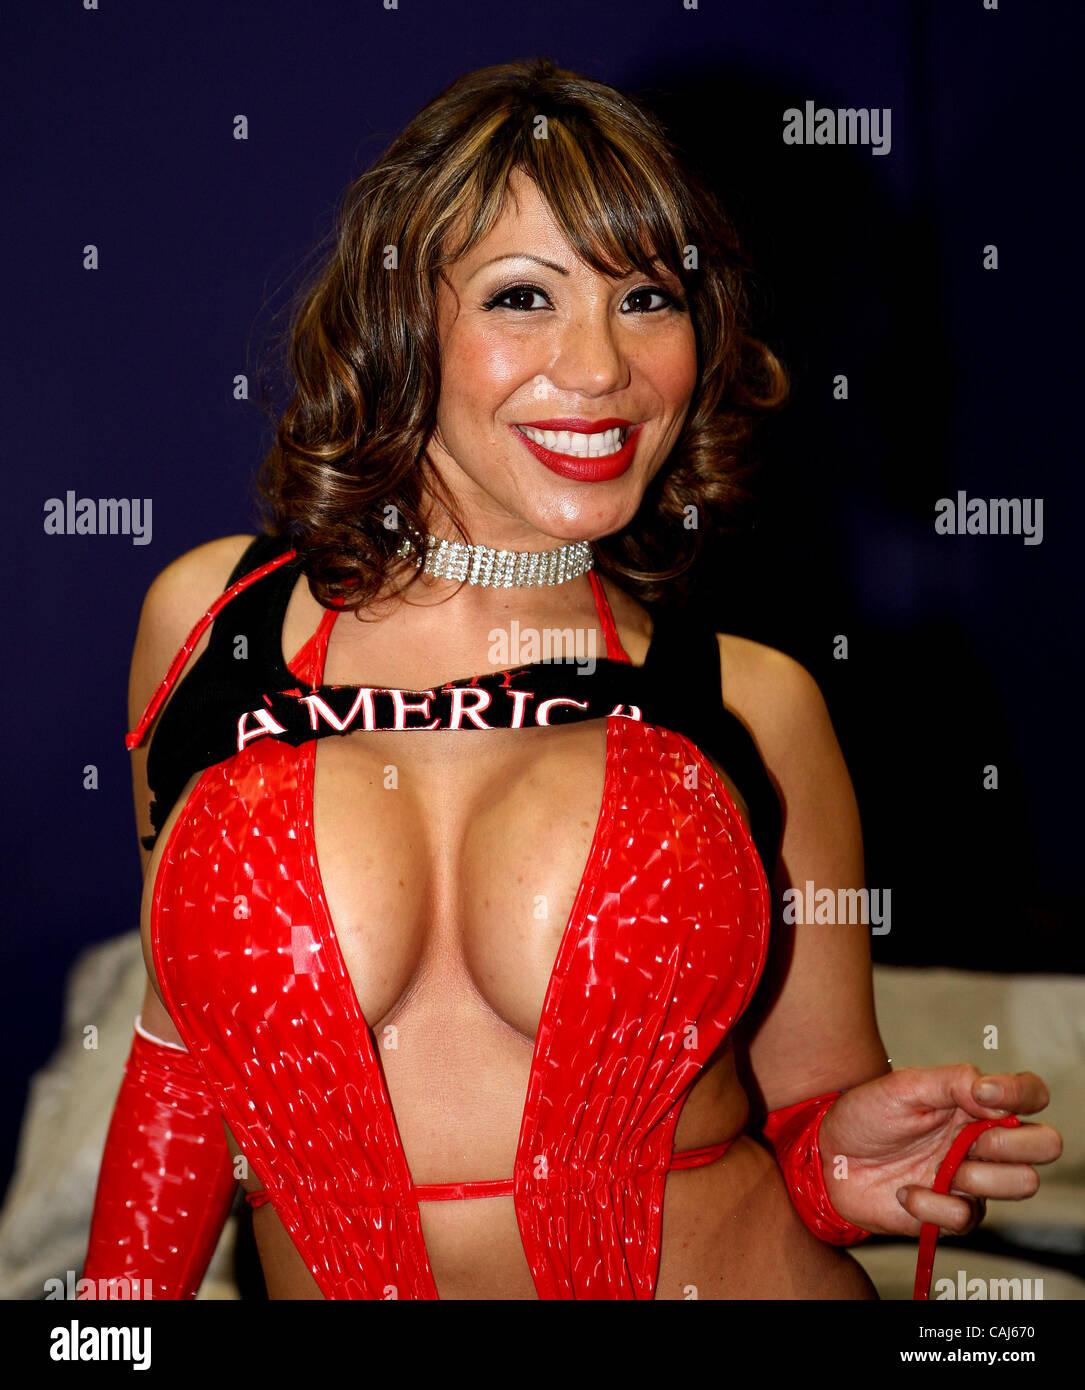 Ava Devine ava devine de naughty america à l'avn divertissement pour